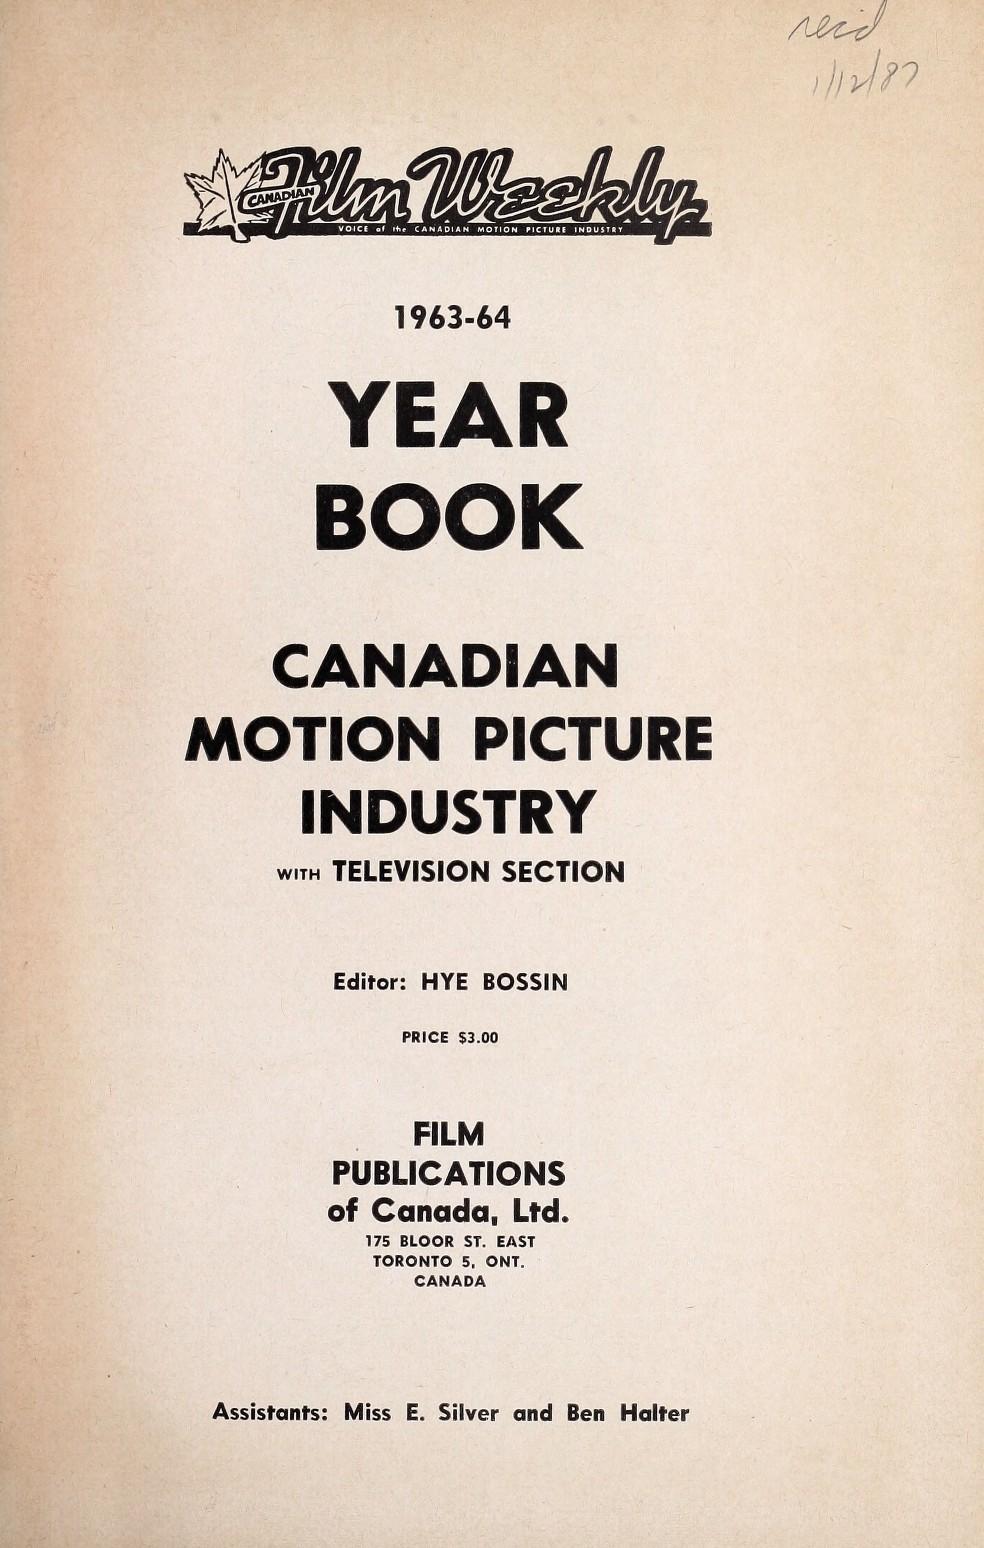 196364yearbookca00film_jp2.zip&file=196364yearbookca00film_jp2%2f196364yearbookca00film_0005